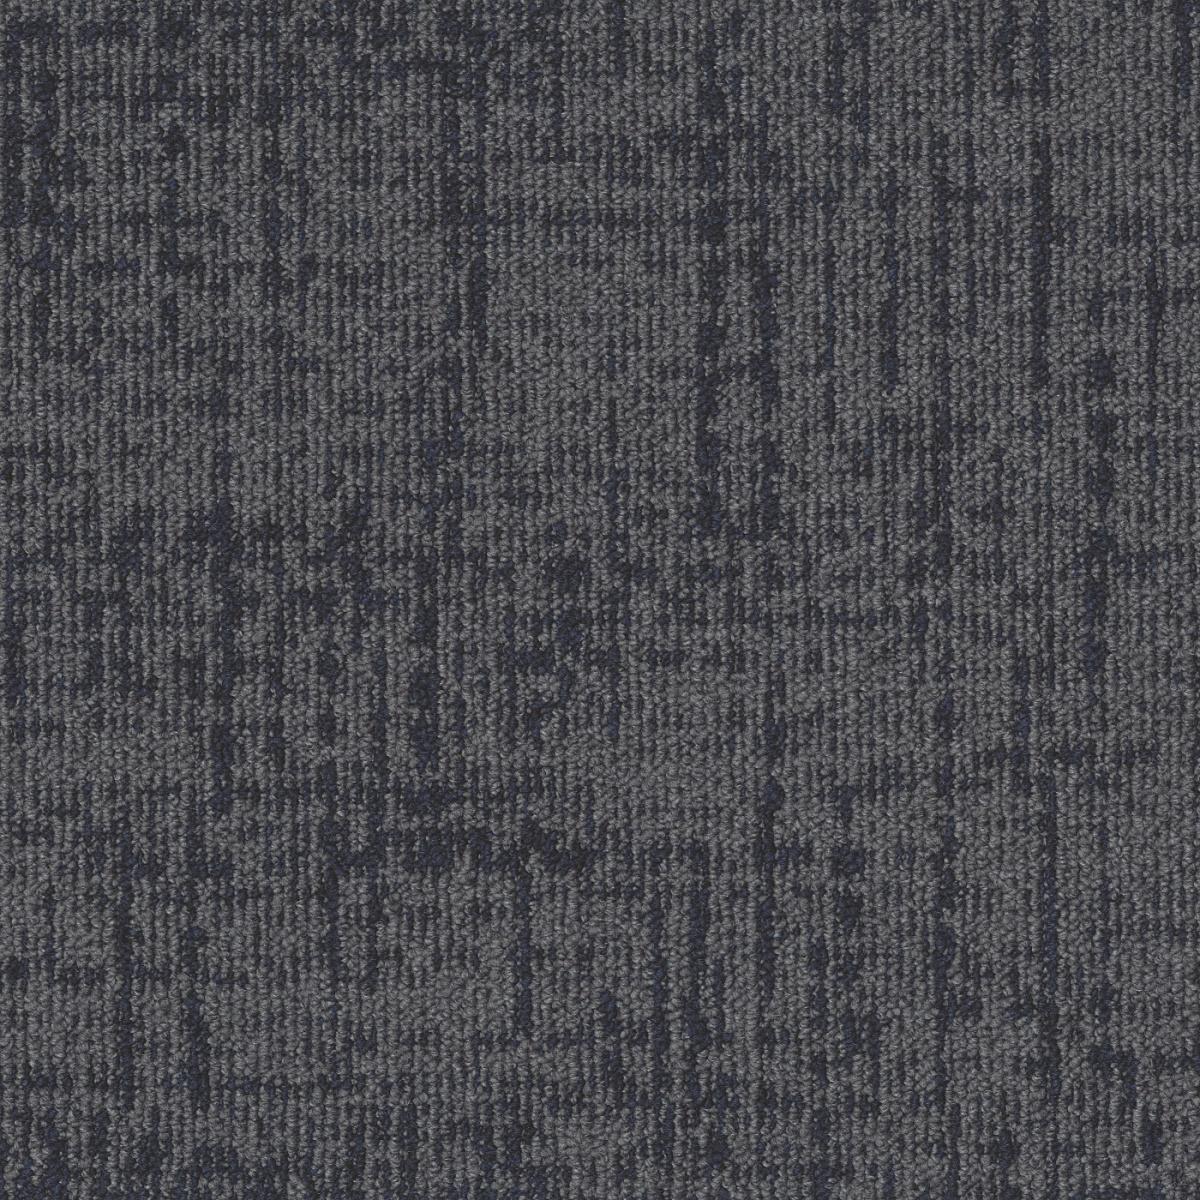 Tweed61360